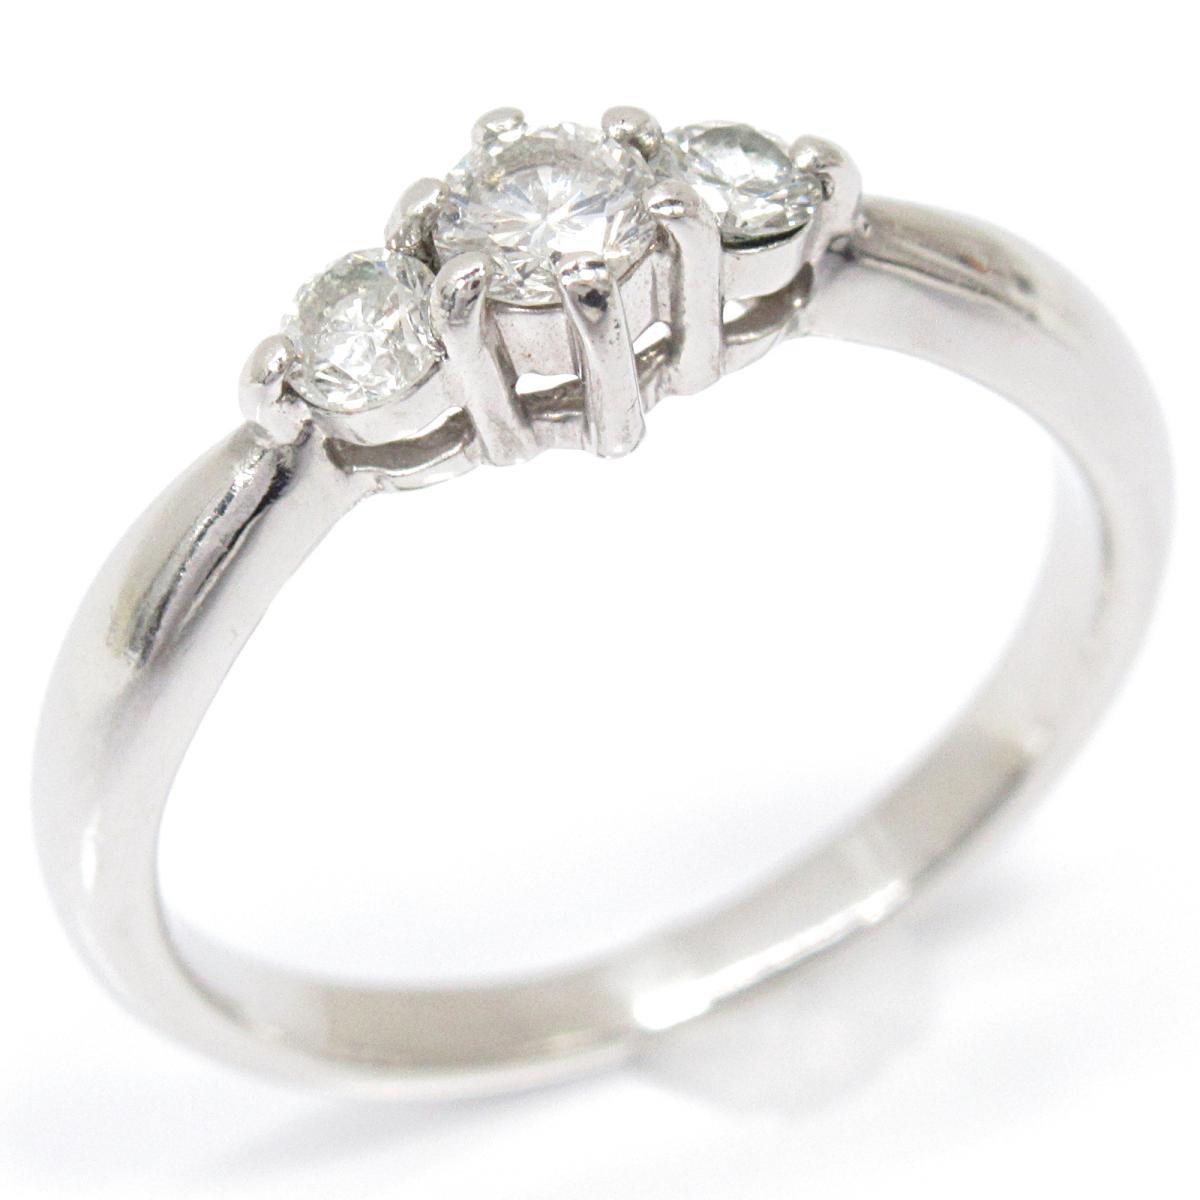 【中古】 ジュエリー ダイヤモンドリング 指輪 レディース PT900 プラチナ x ダイヤモンド (0.30ct) | JEWELRY BRANDOFF ブランドオフ ブランド ジュエリー アクセサリー リング